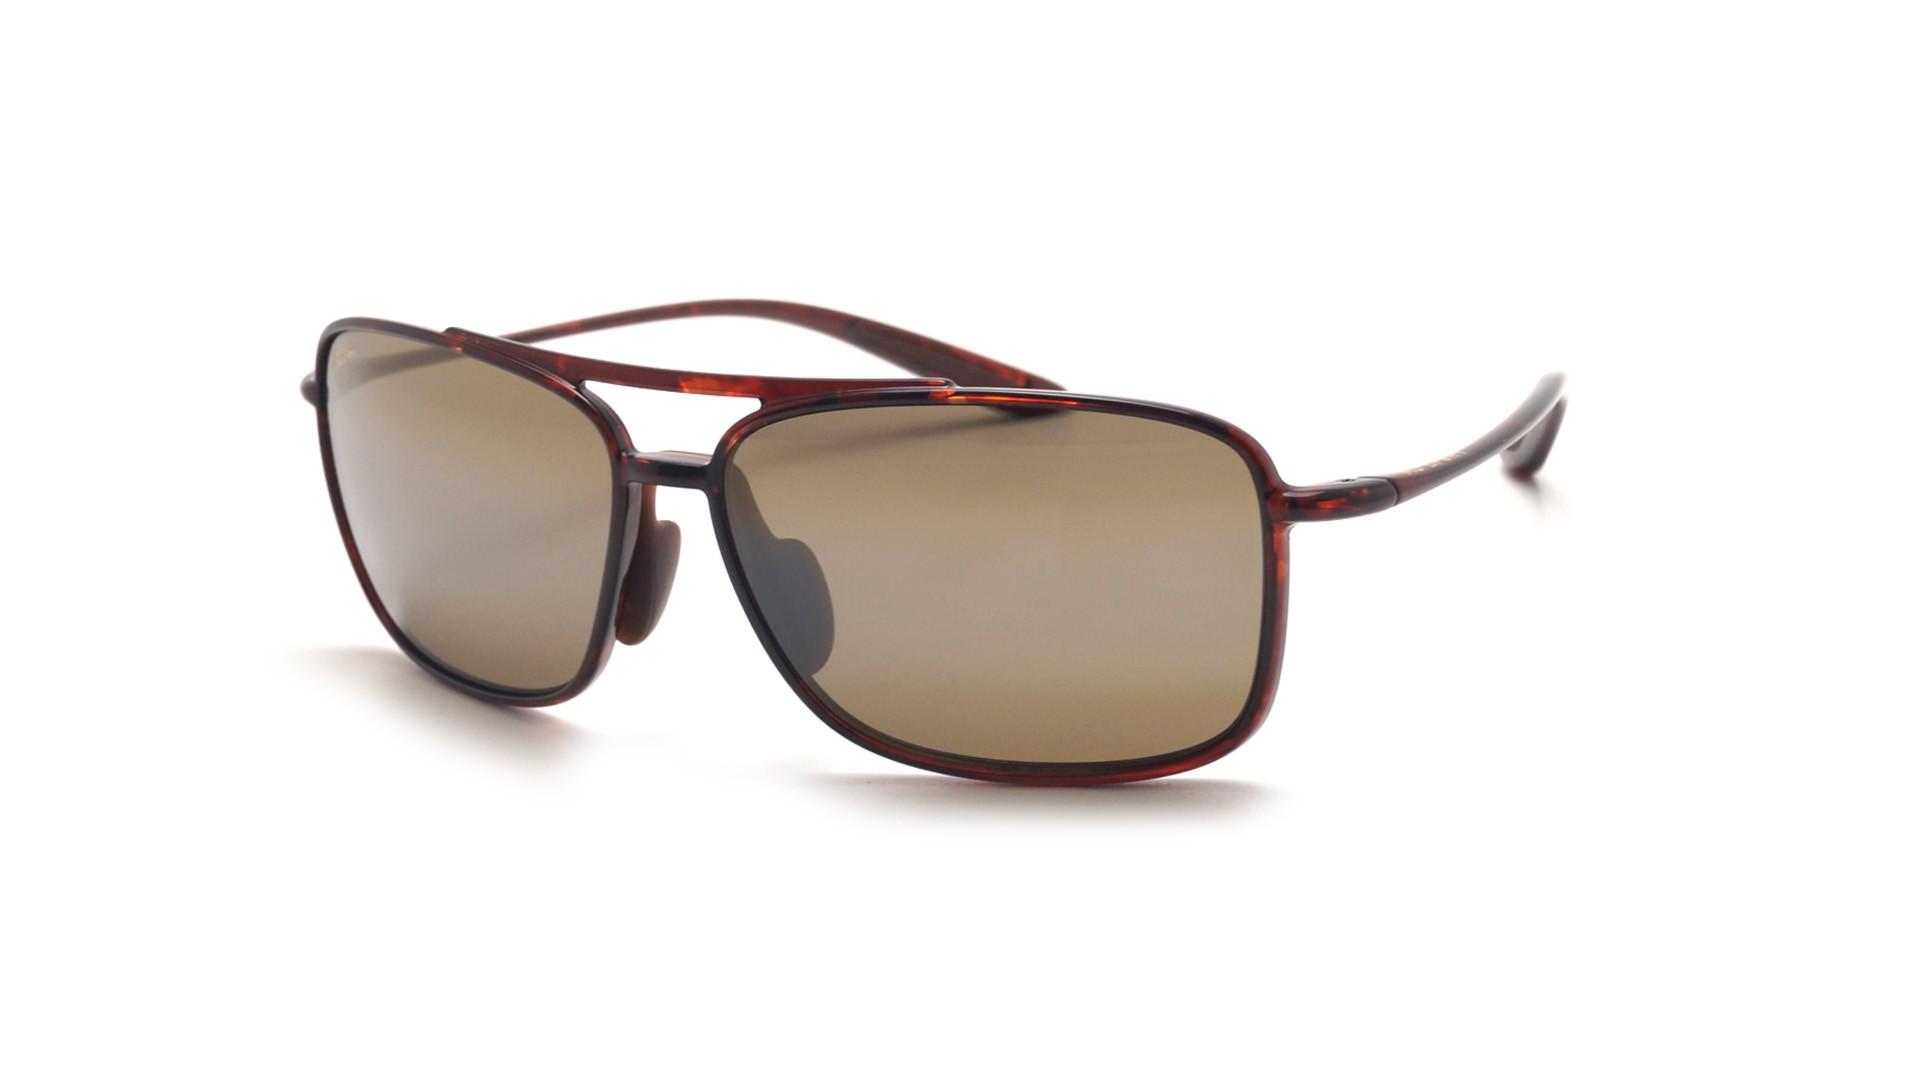 f223d0c851 Sunglasses Maui Jim Kaupo gap Tortoise HCL Bronze H437 10 61-15 Large  Polarized